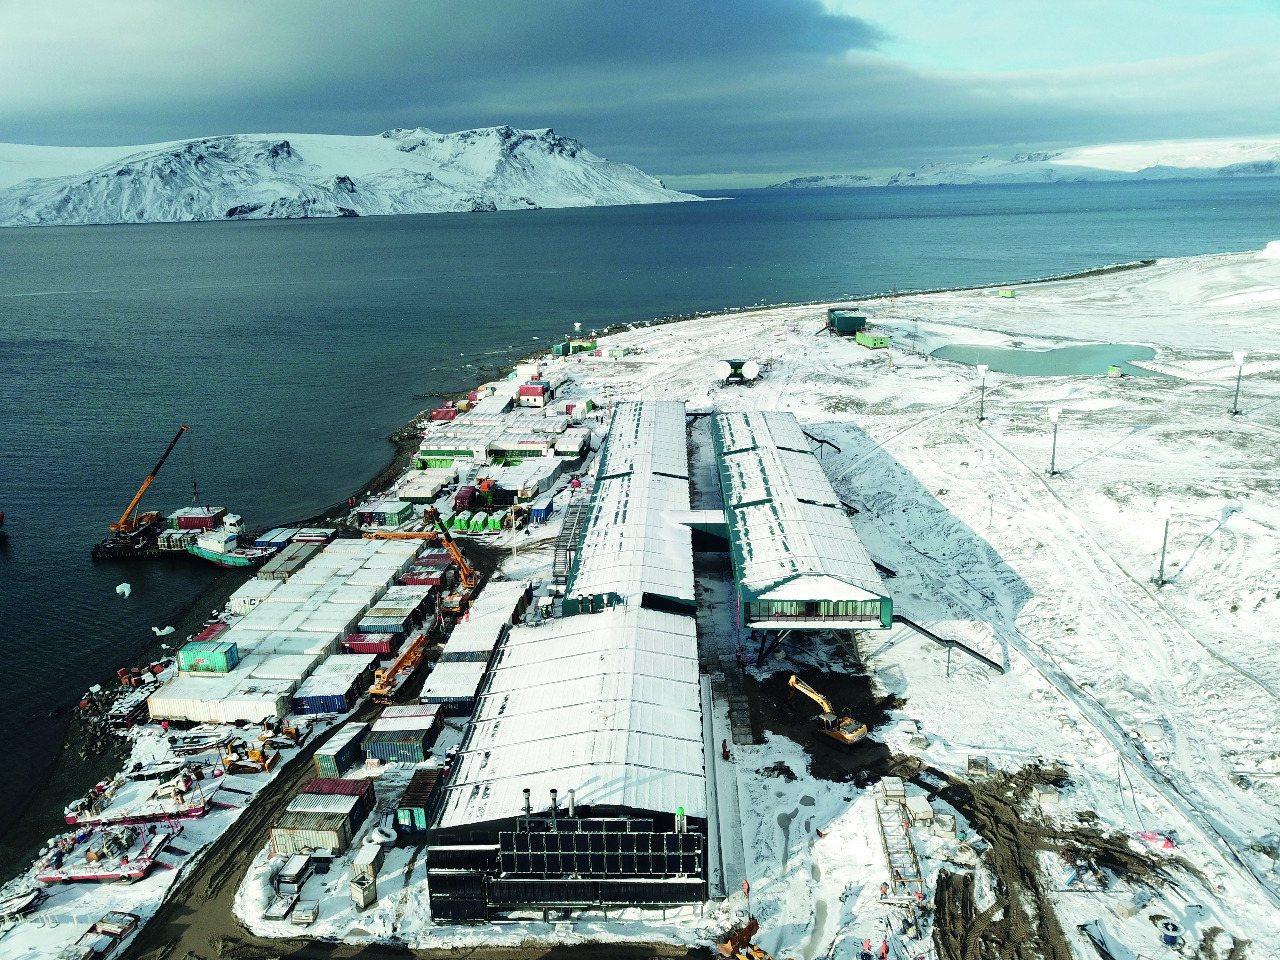 巴西海軍提供的空照圖,顯示該國新落成的南極研究機構「費拉斯少校南極站」。法新社